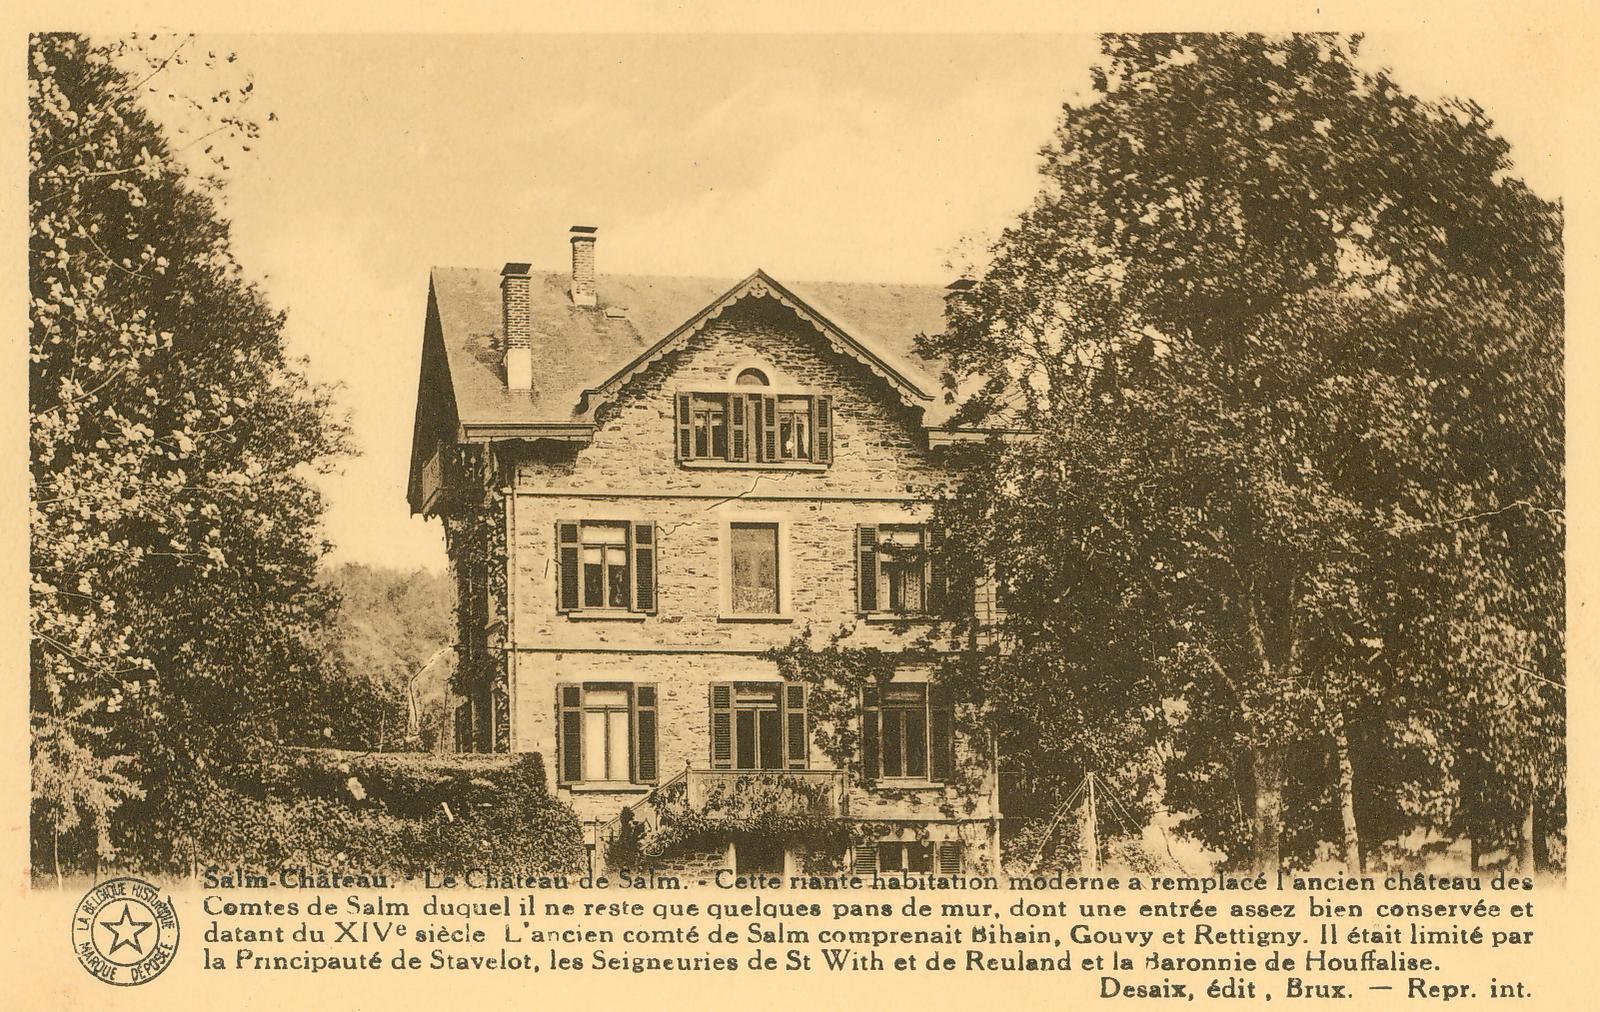 Grand Frais Ville Du Bois - Vielsalm et ses environs Salm Ch u00e2teau u2014 Le Ch u00e2teau de Salm